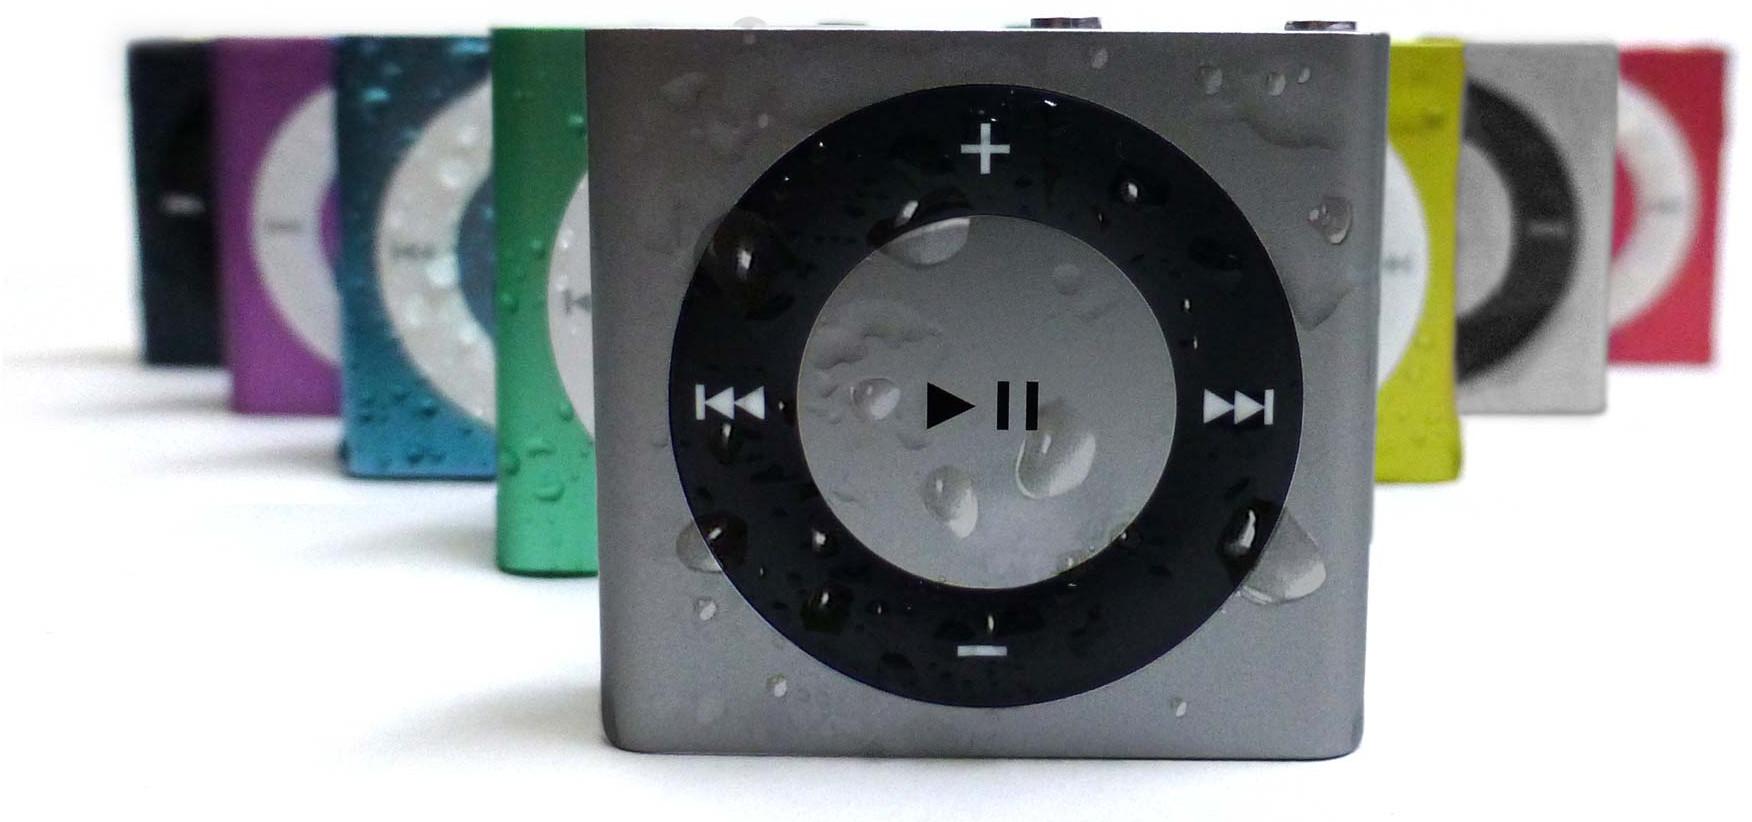 купить iPod Shuffle дешего по низкой цене в Киеве